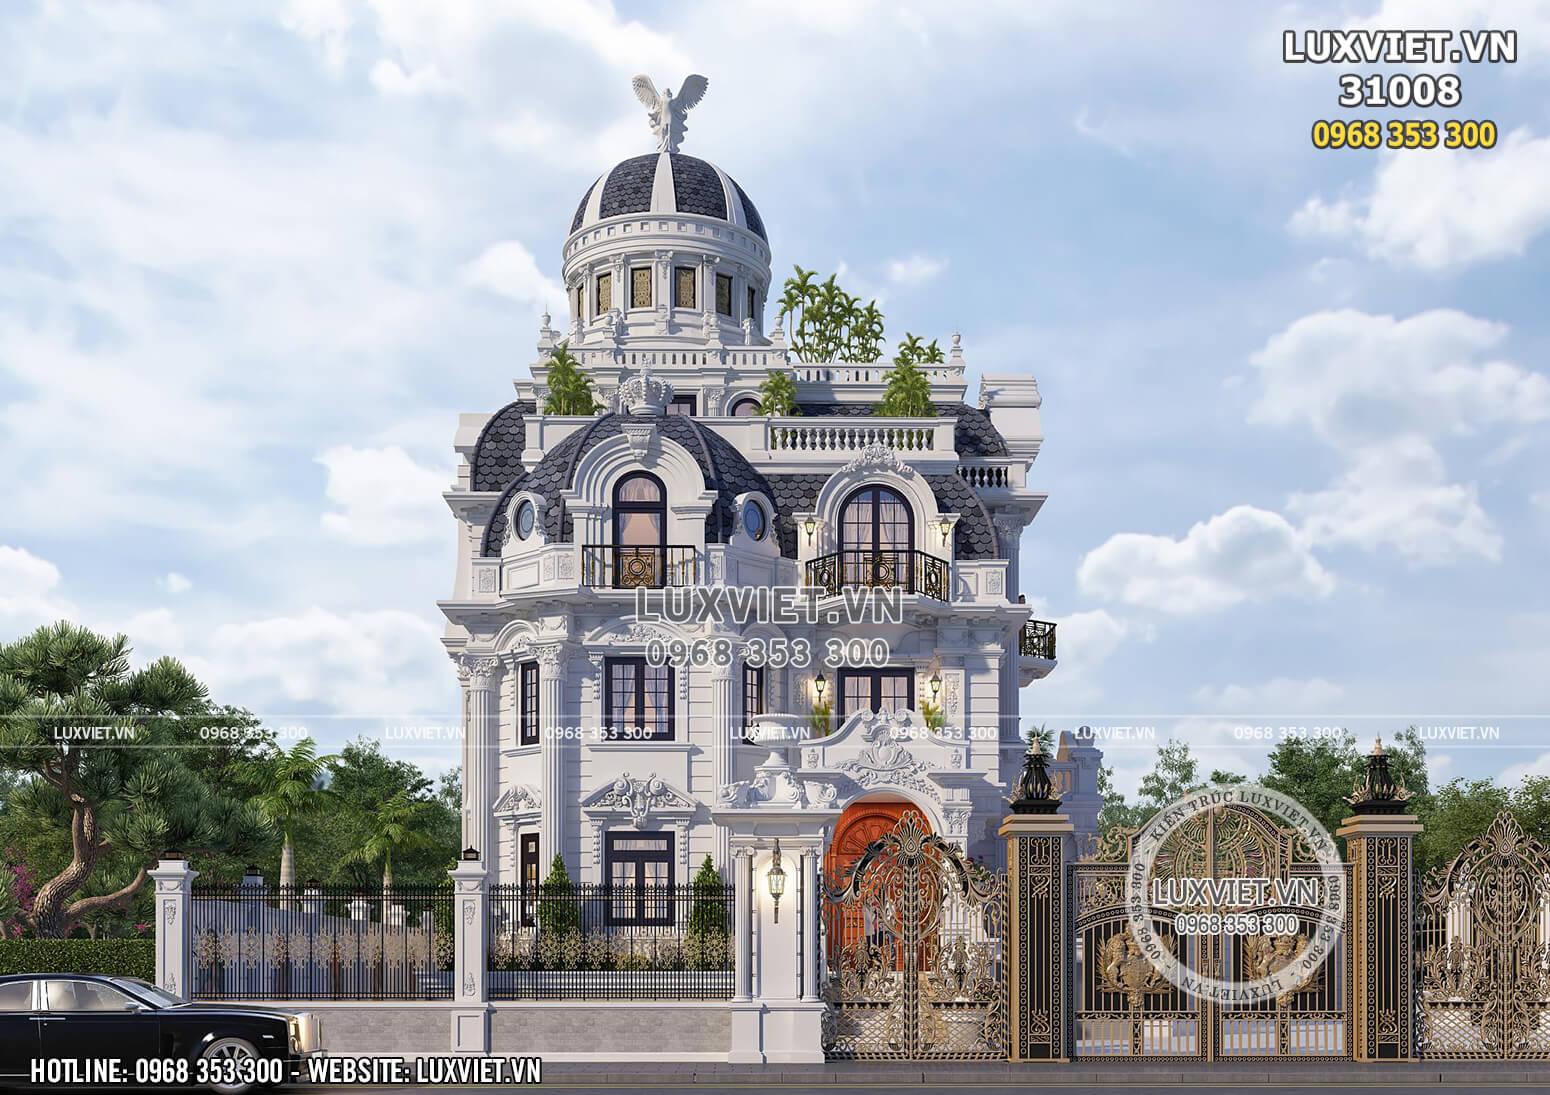 Toàn cảnh không gian mặt tiền mẫu thiết kế biệt thự tân cổ điển cầu kỳ, xa hoa tại Ninh Bình